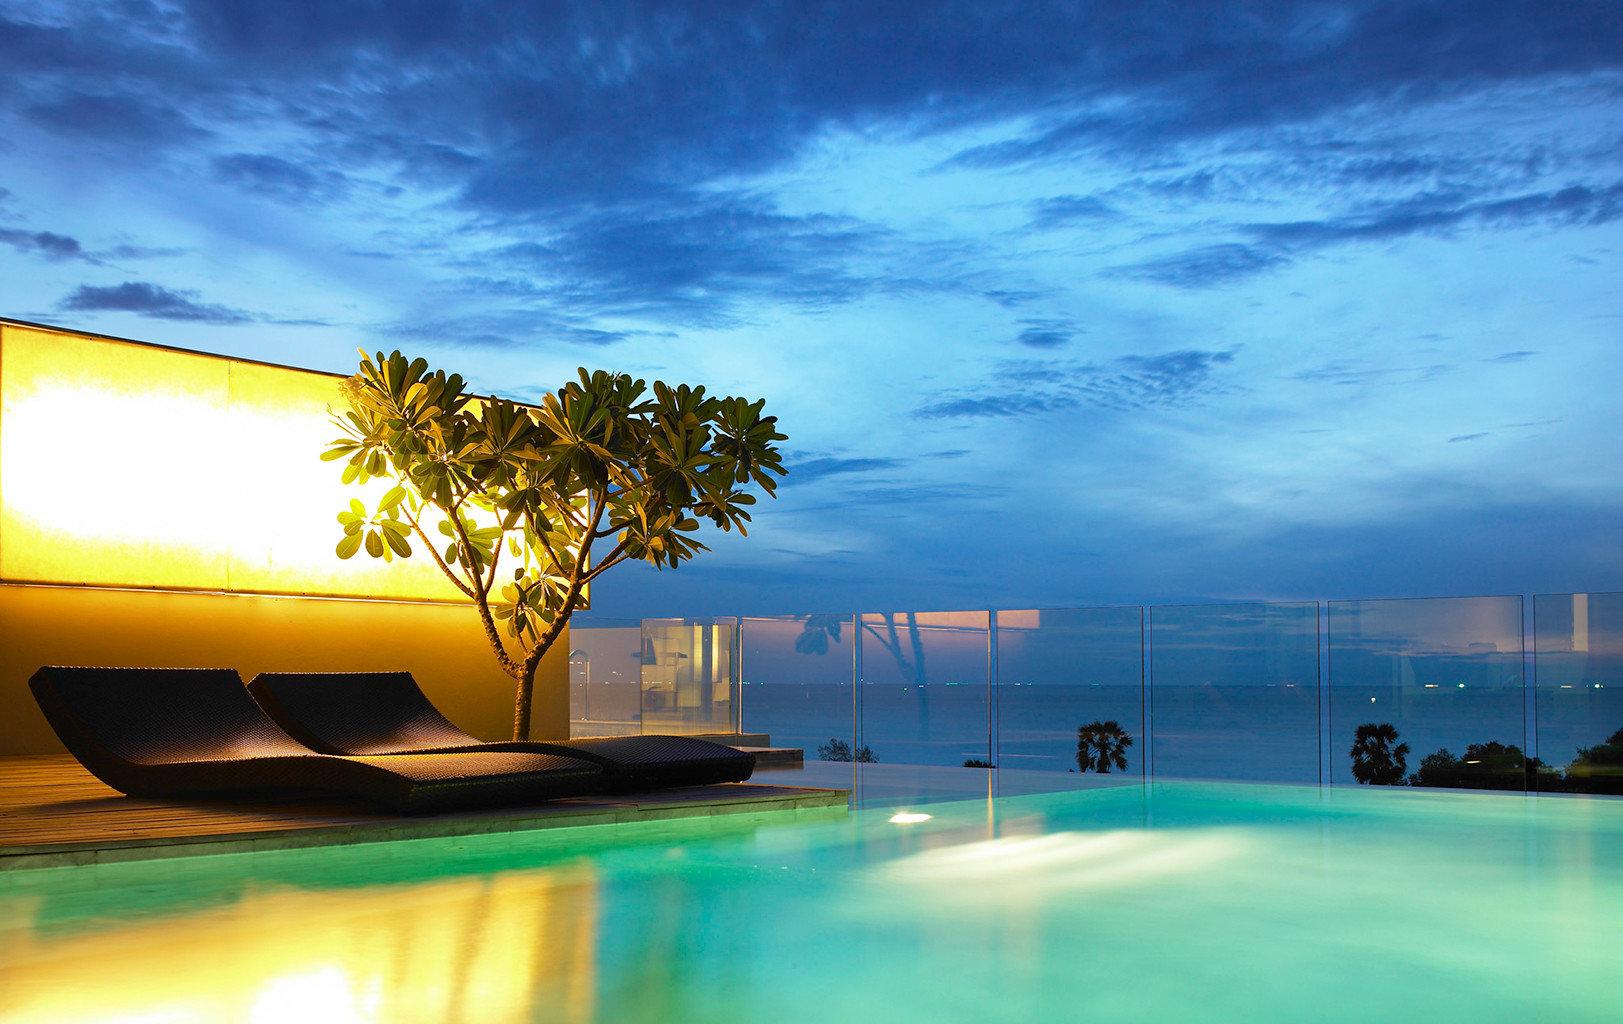 Beach Family Modern Resort sky swimming pool horizon Ocean light cloud Sea morning atmosphere of earth sunlight dusk evening Sunset sunrise shore